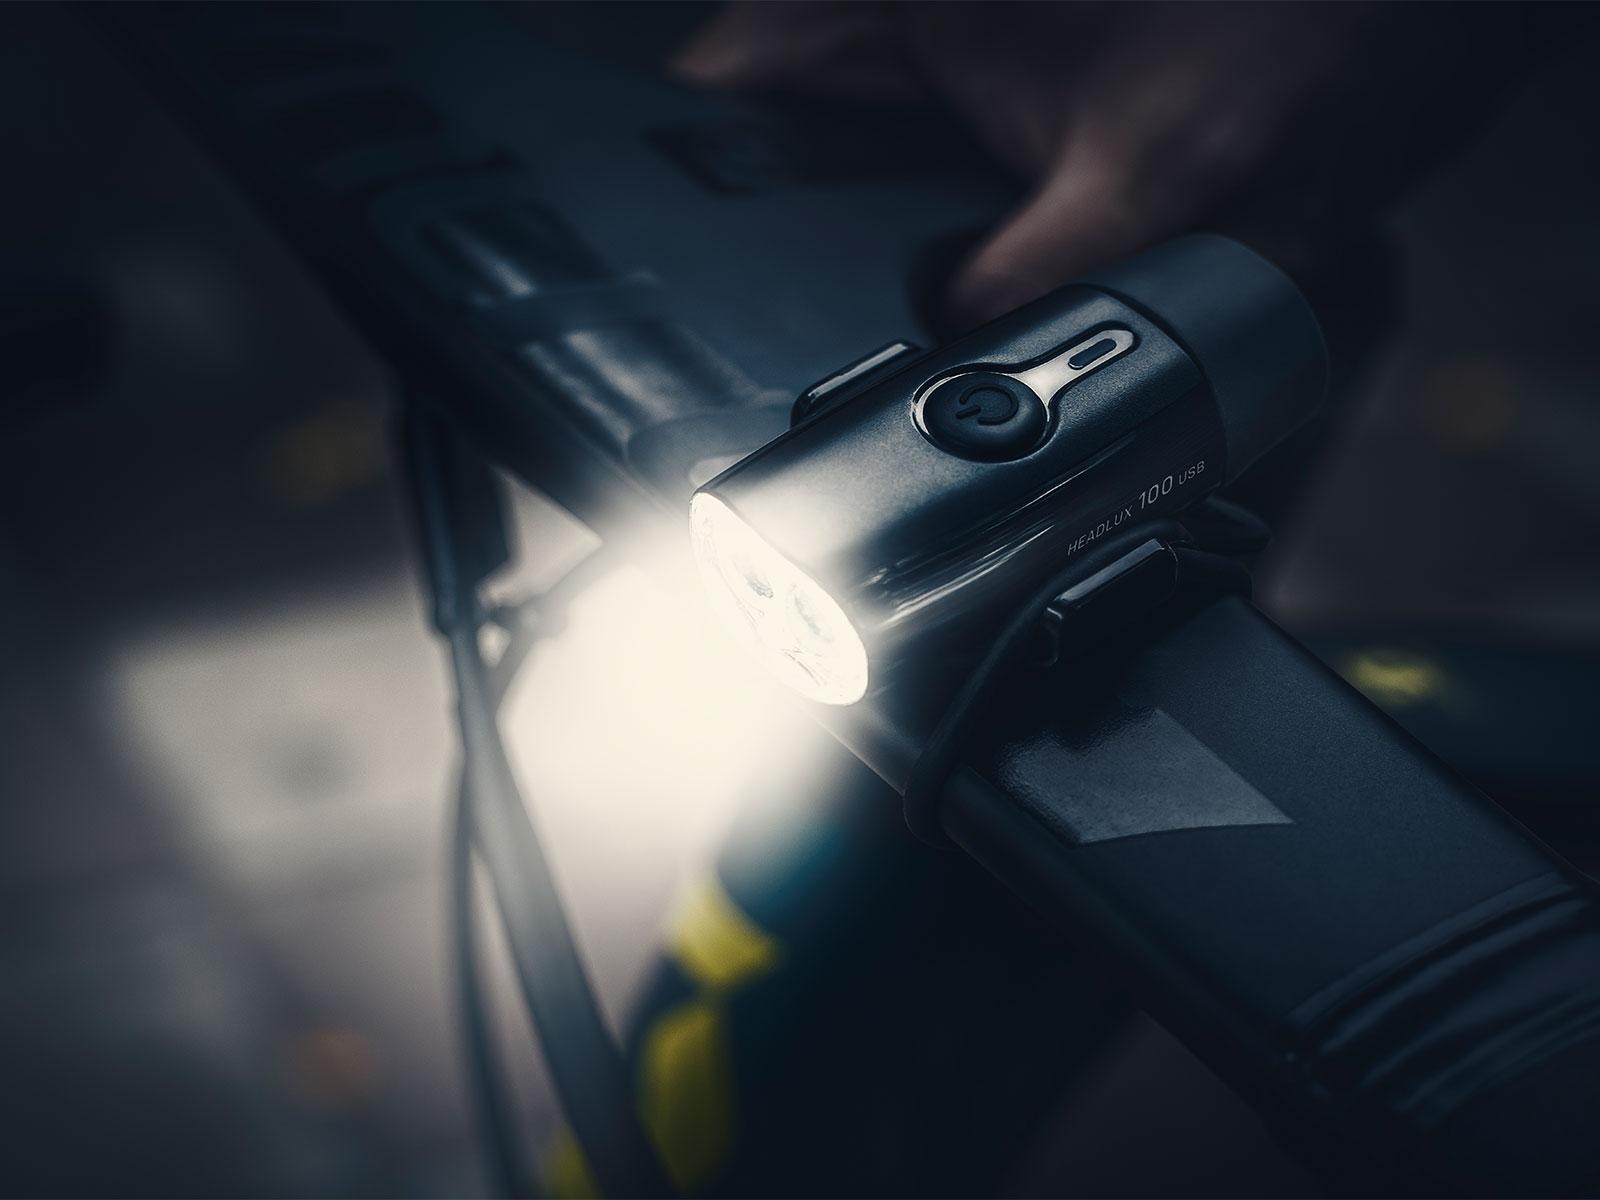 POWERLUX USB COMBO